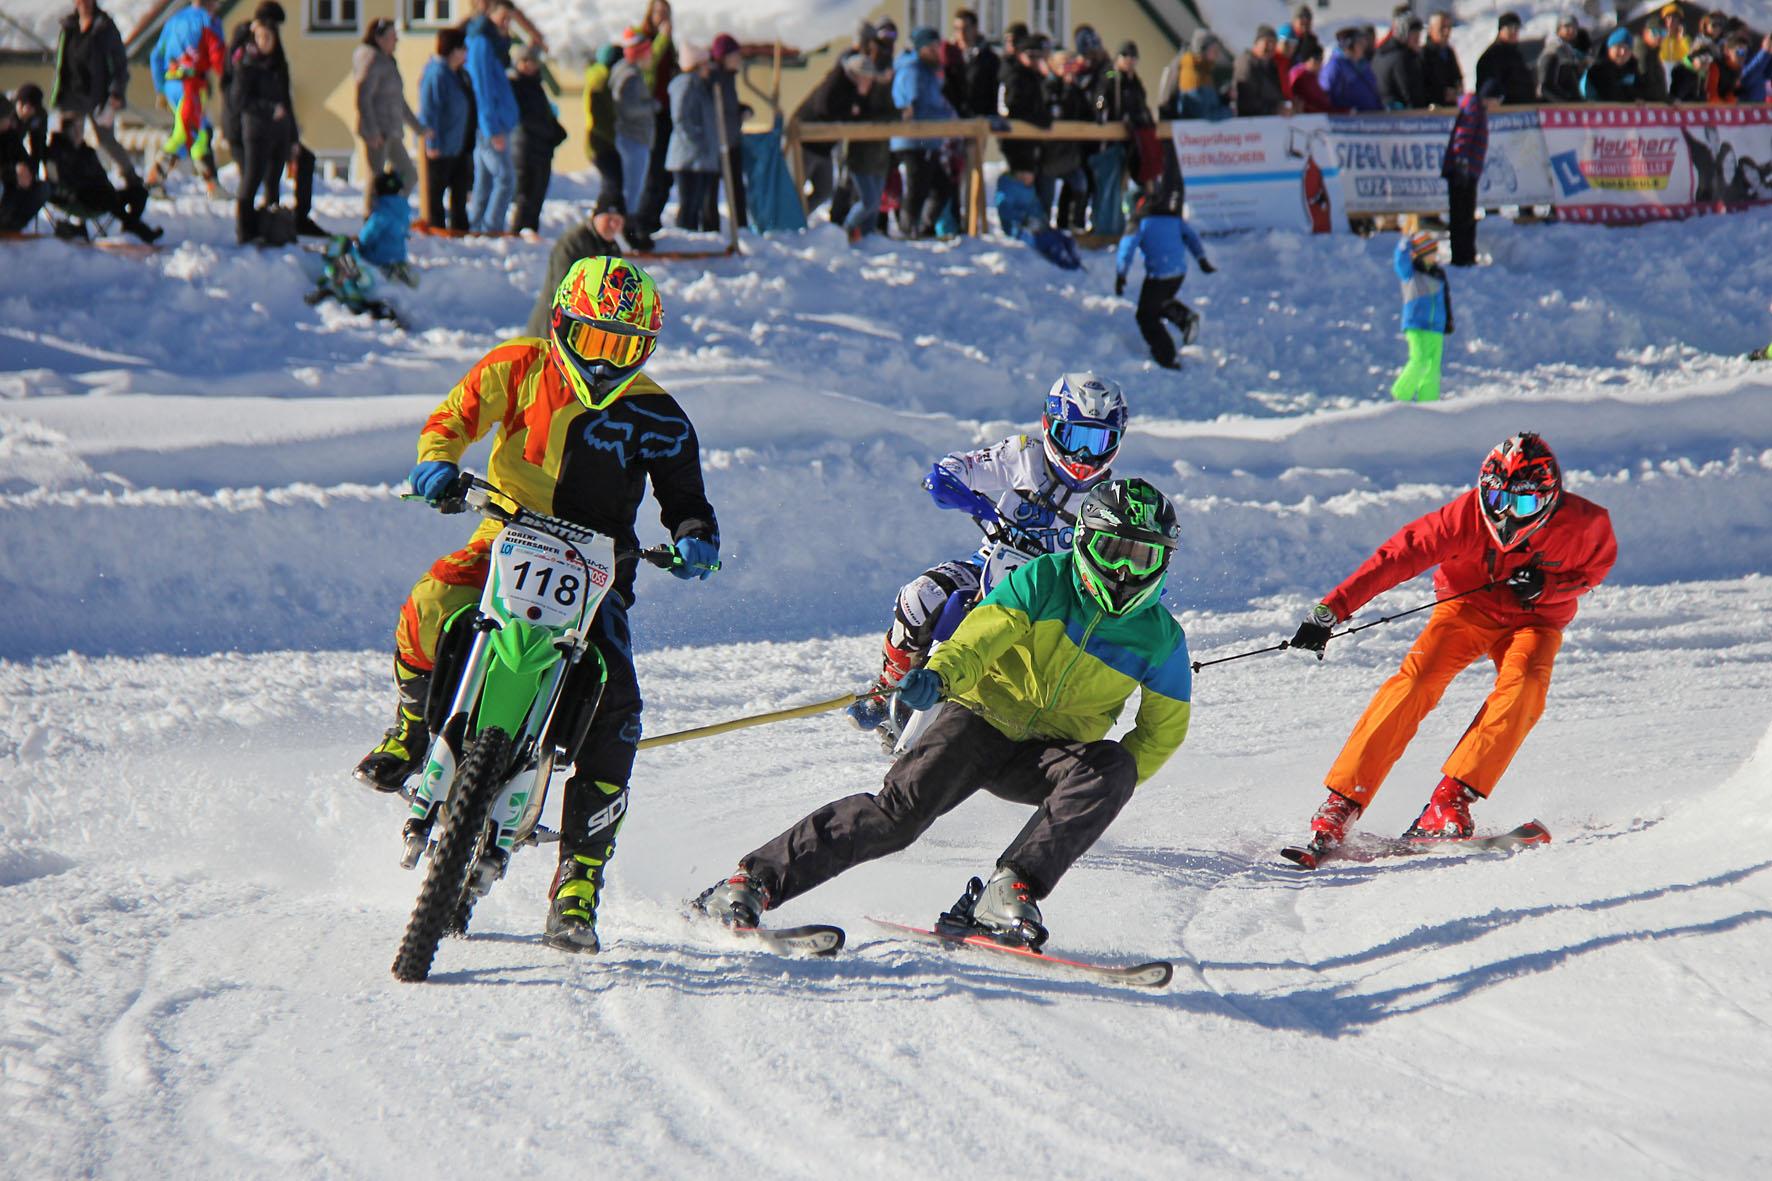 Holzknecht Skijöring Gosau _ Kiefersauer Lorenz und Elias Kubikcek _ Bild Karl Posch _ LR